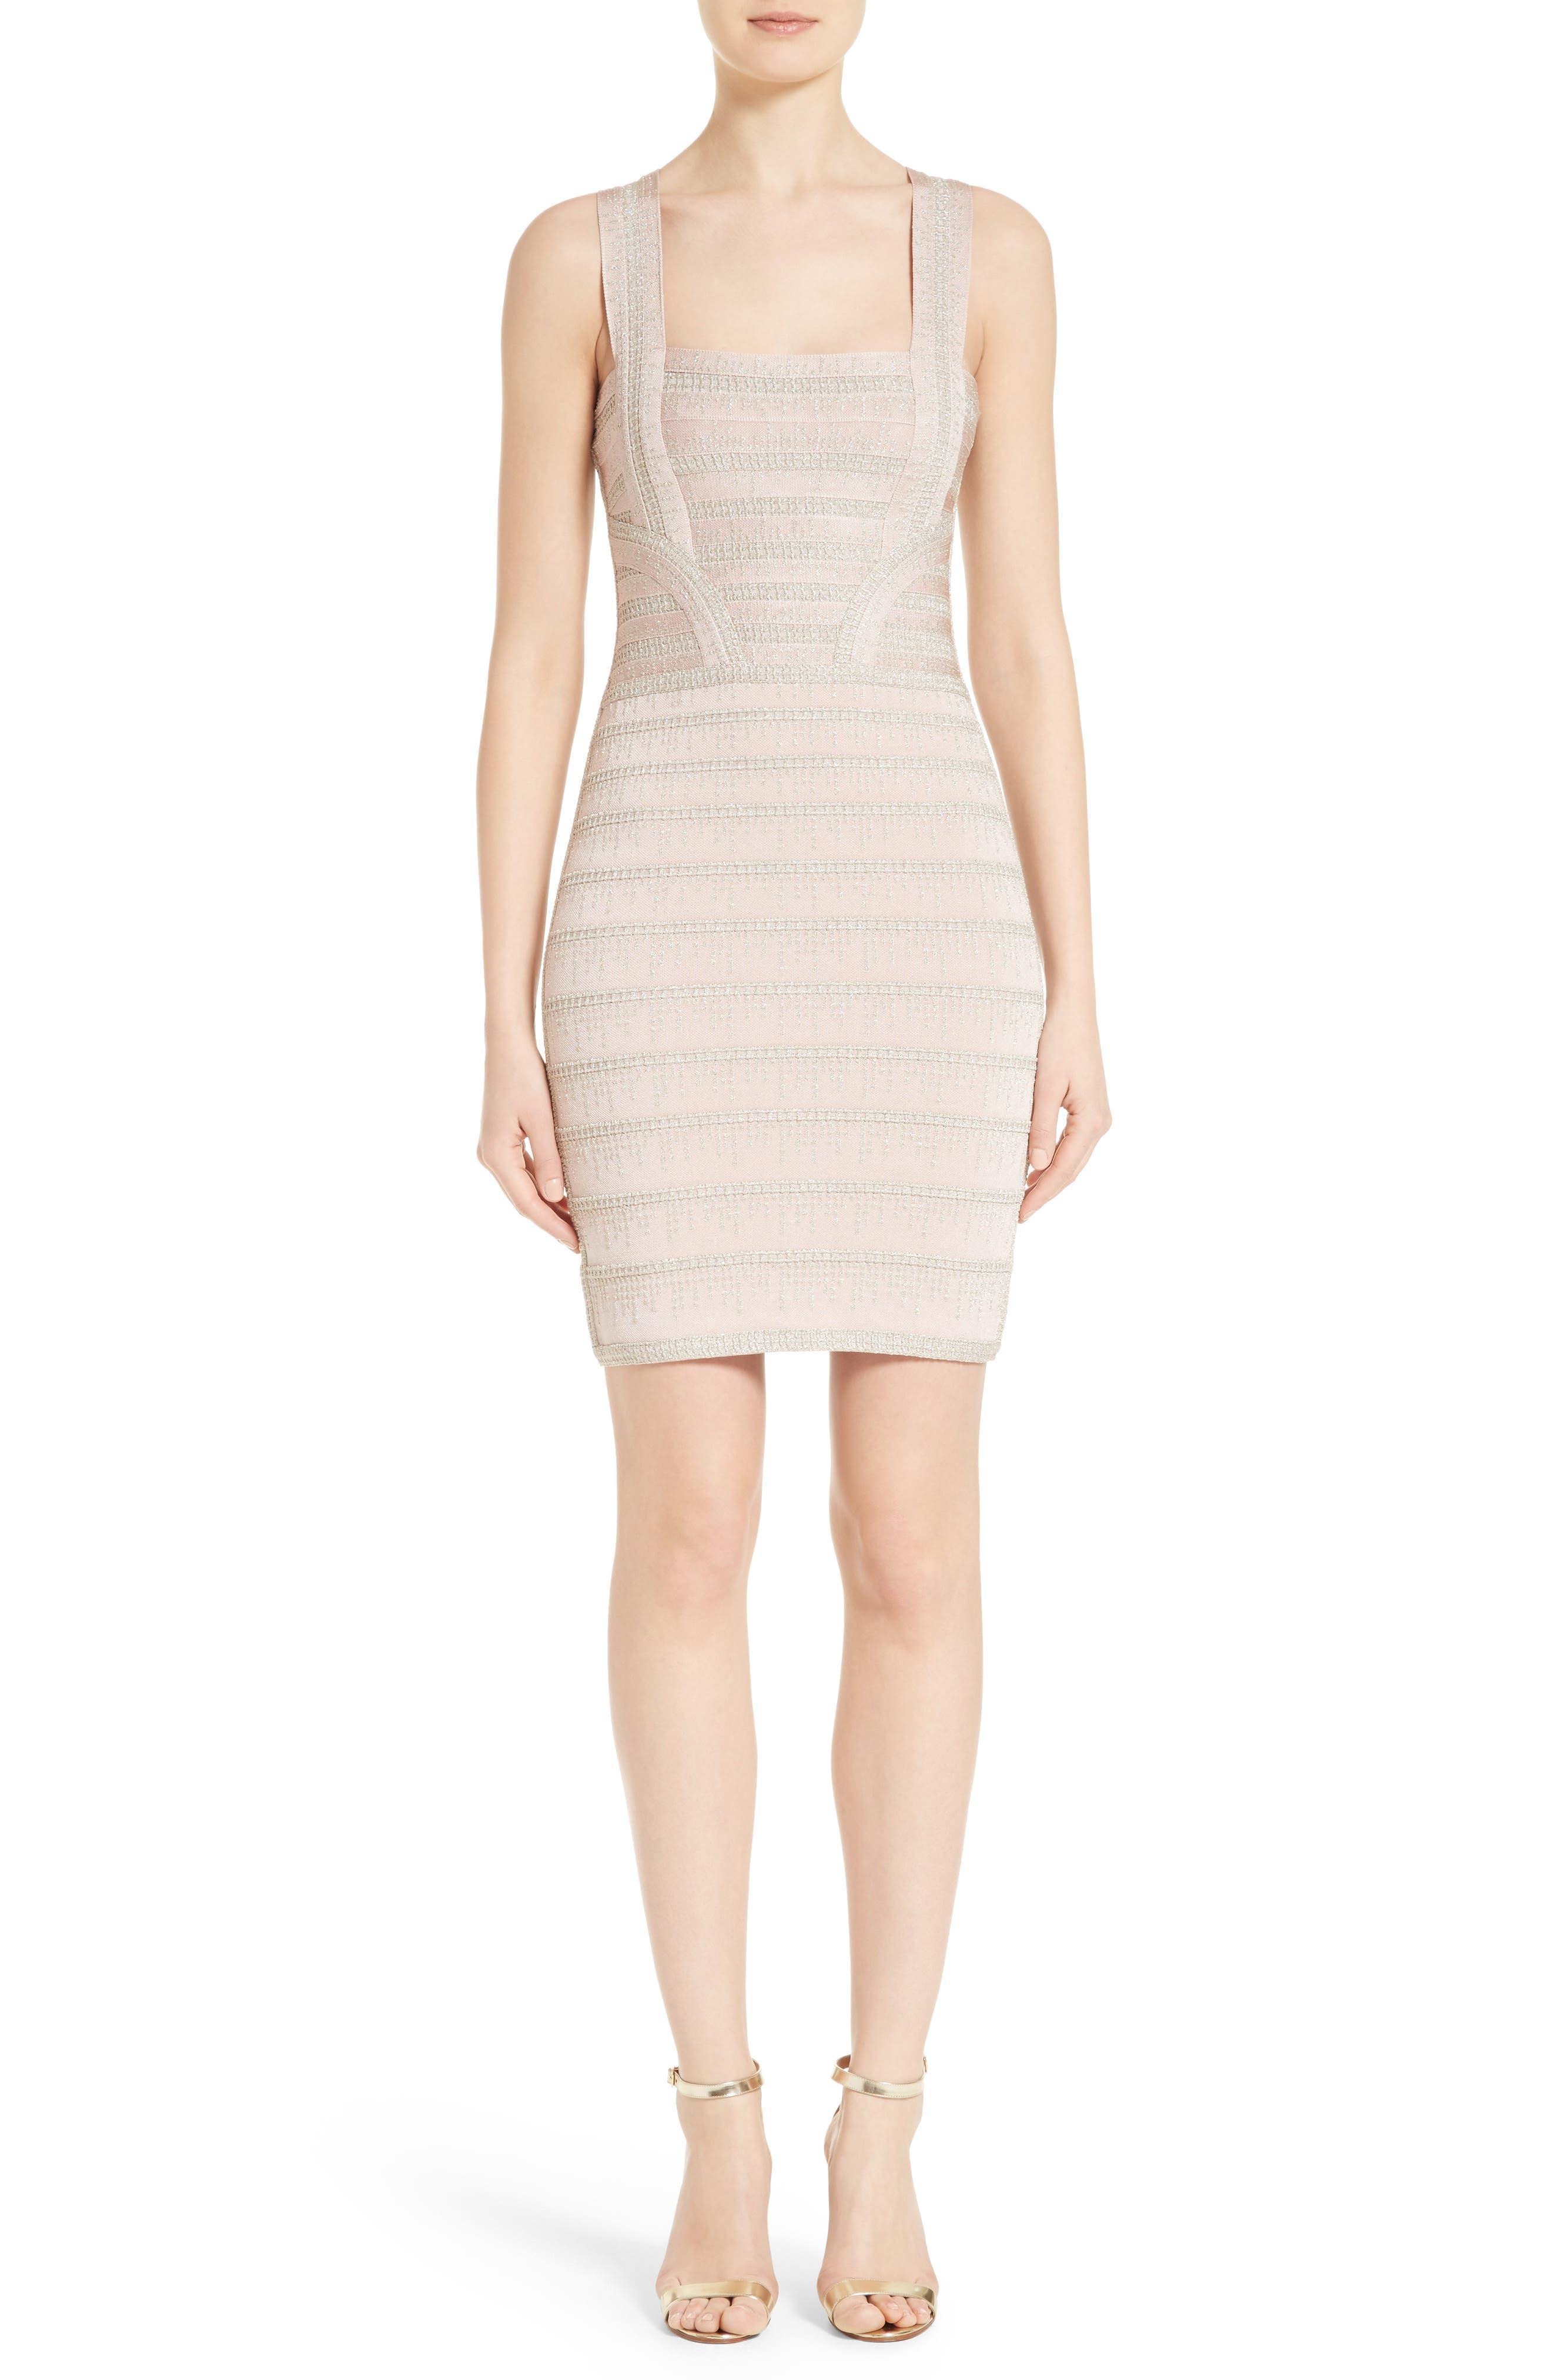 HERVE LEGER Foil Knit Bandage Dress